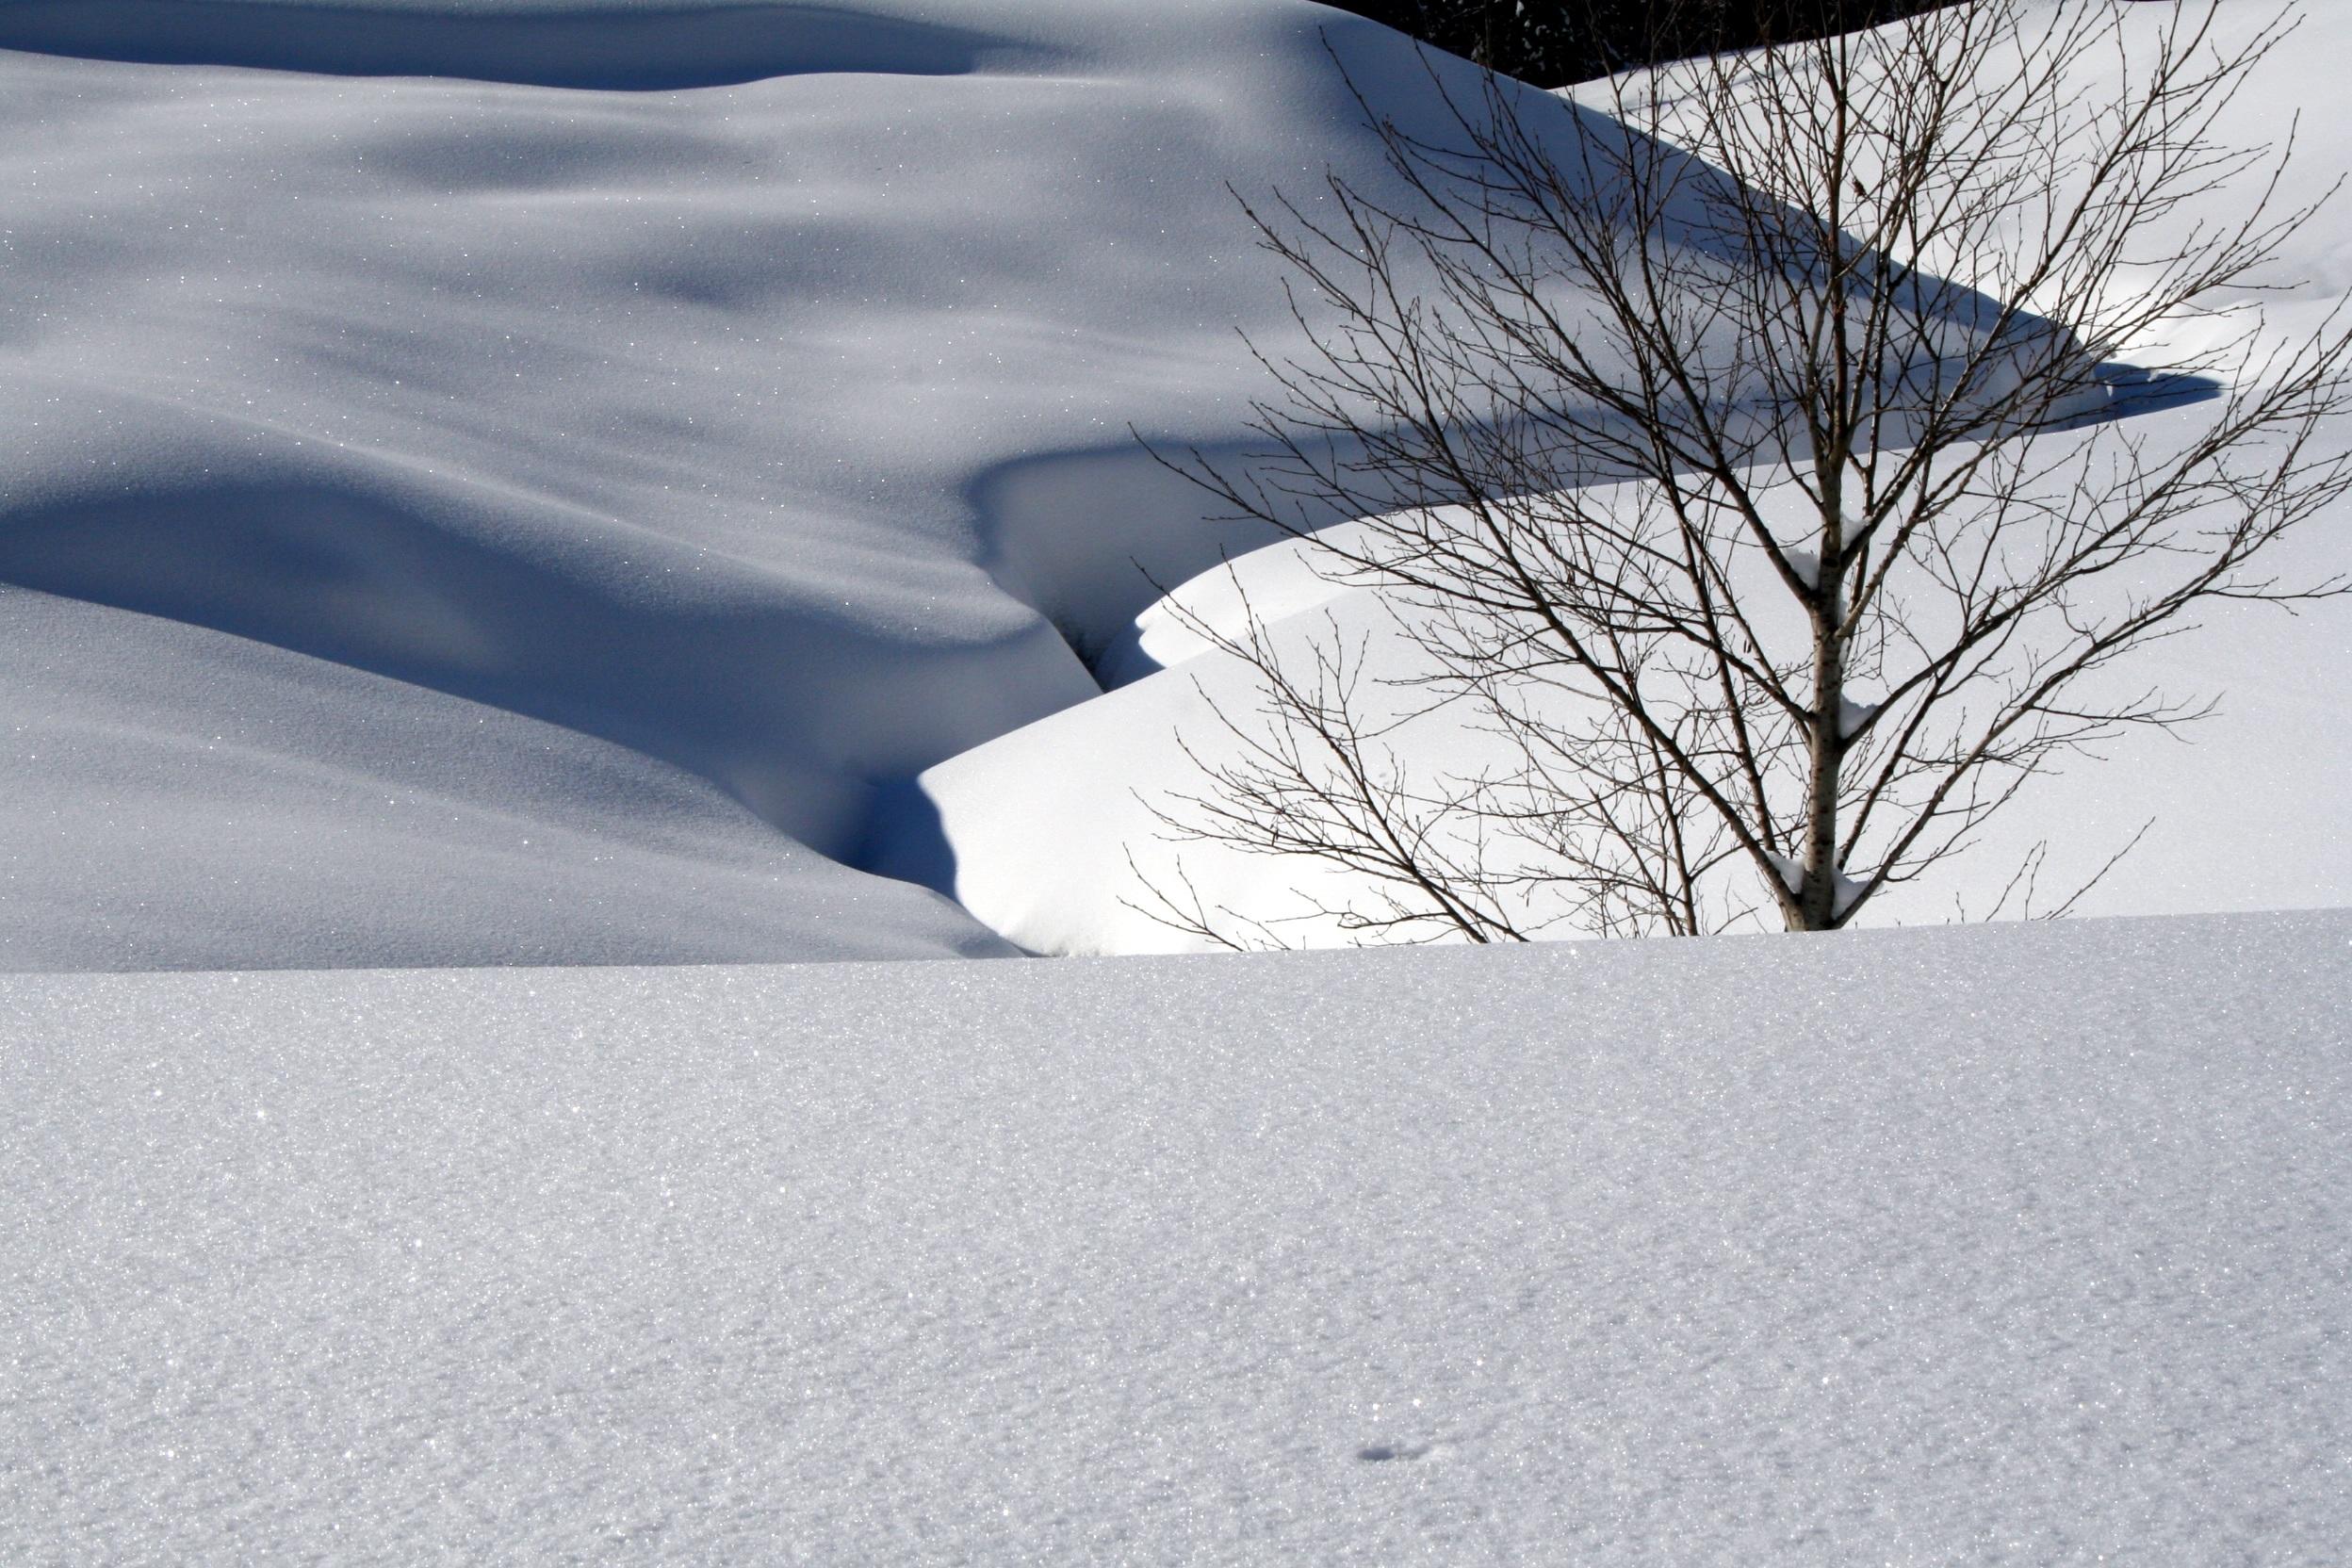 картинка с снегом что называется доступа подходят лишь